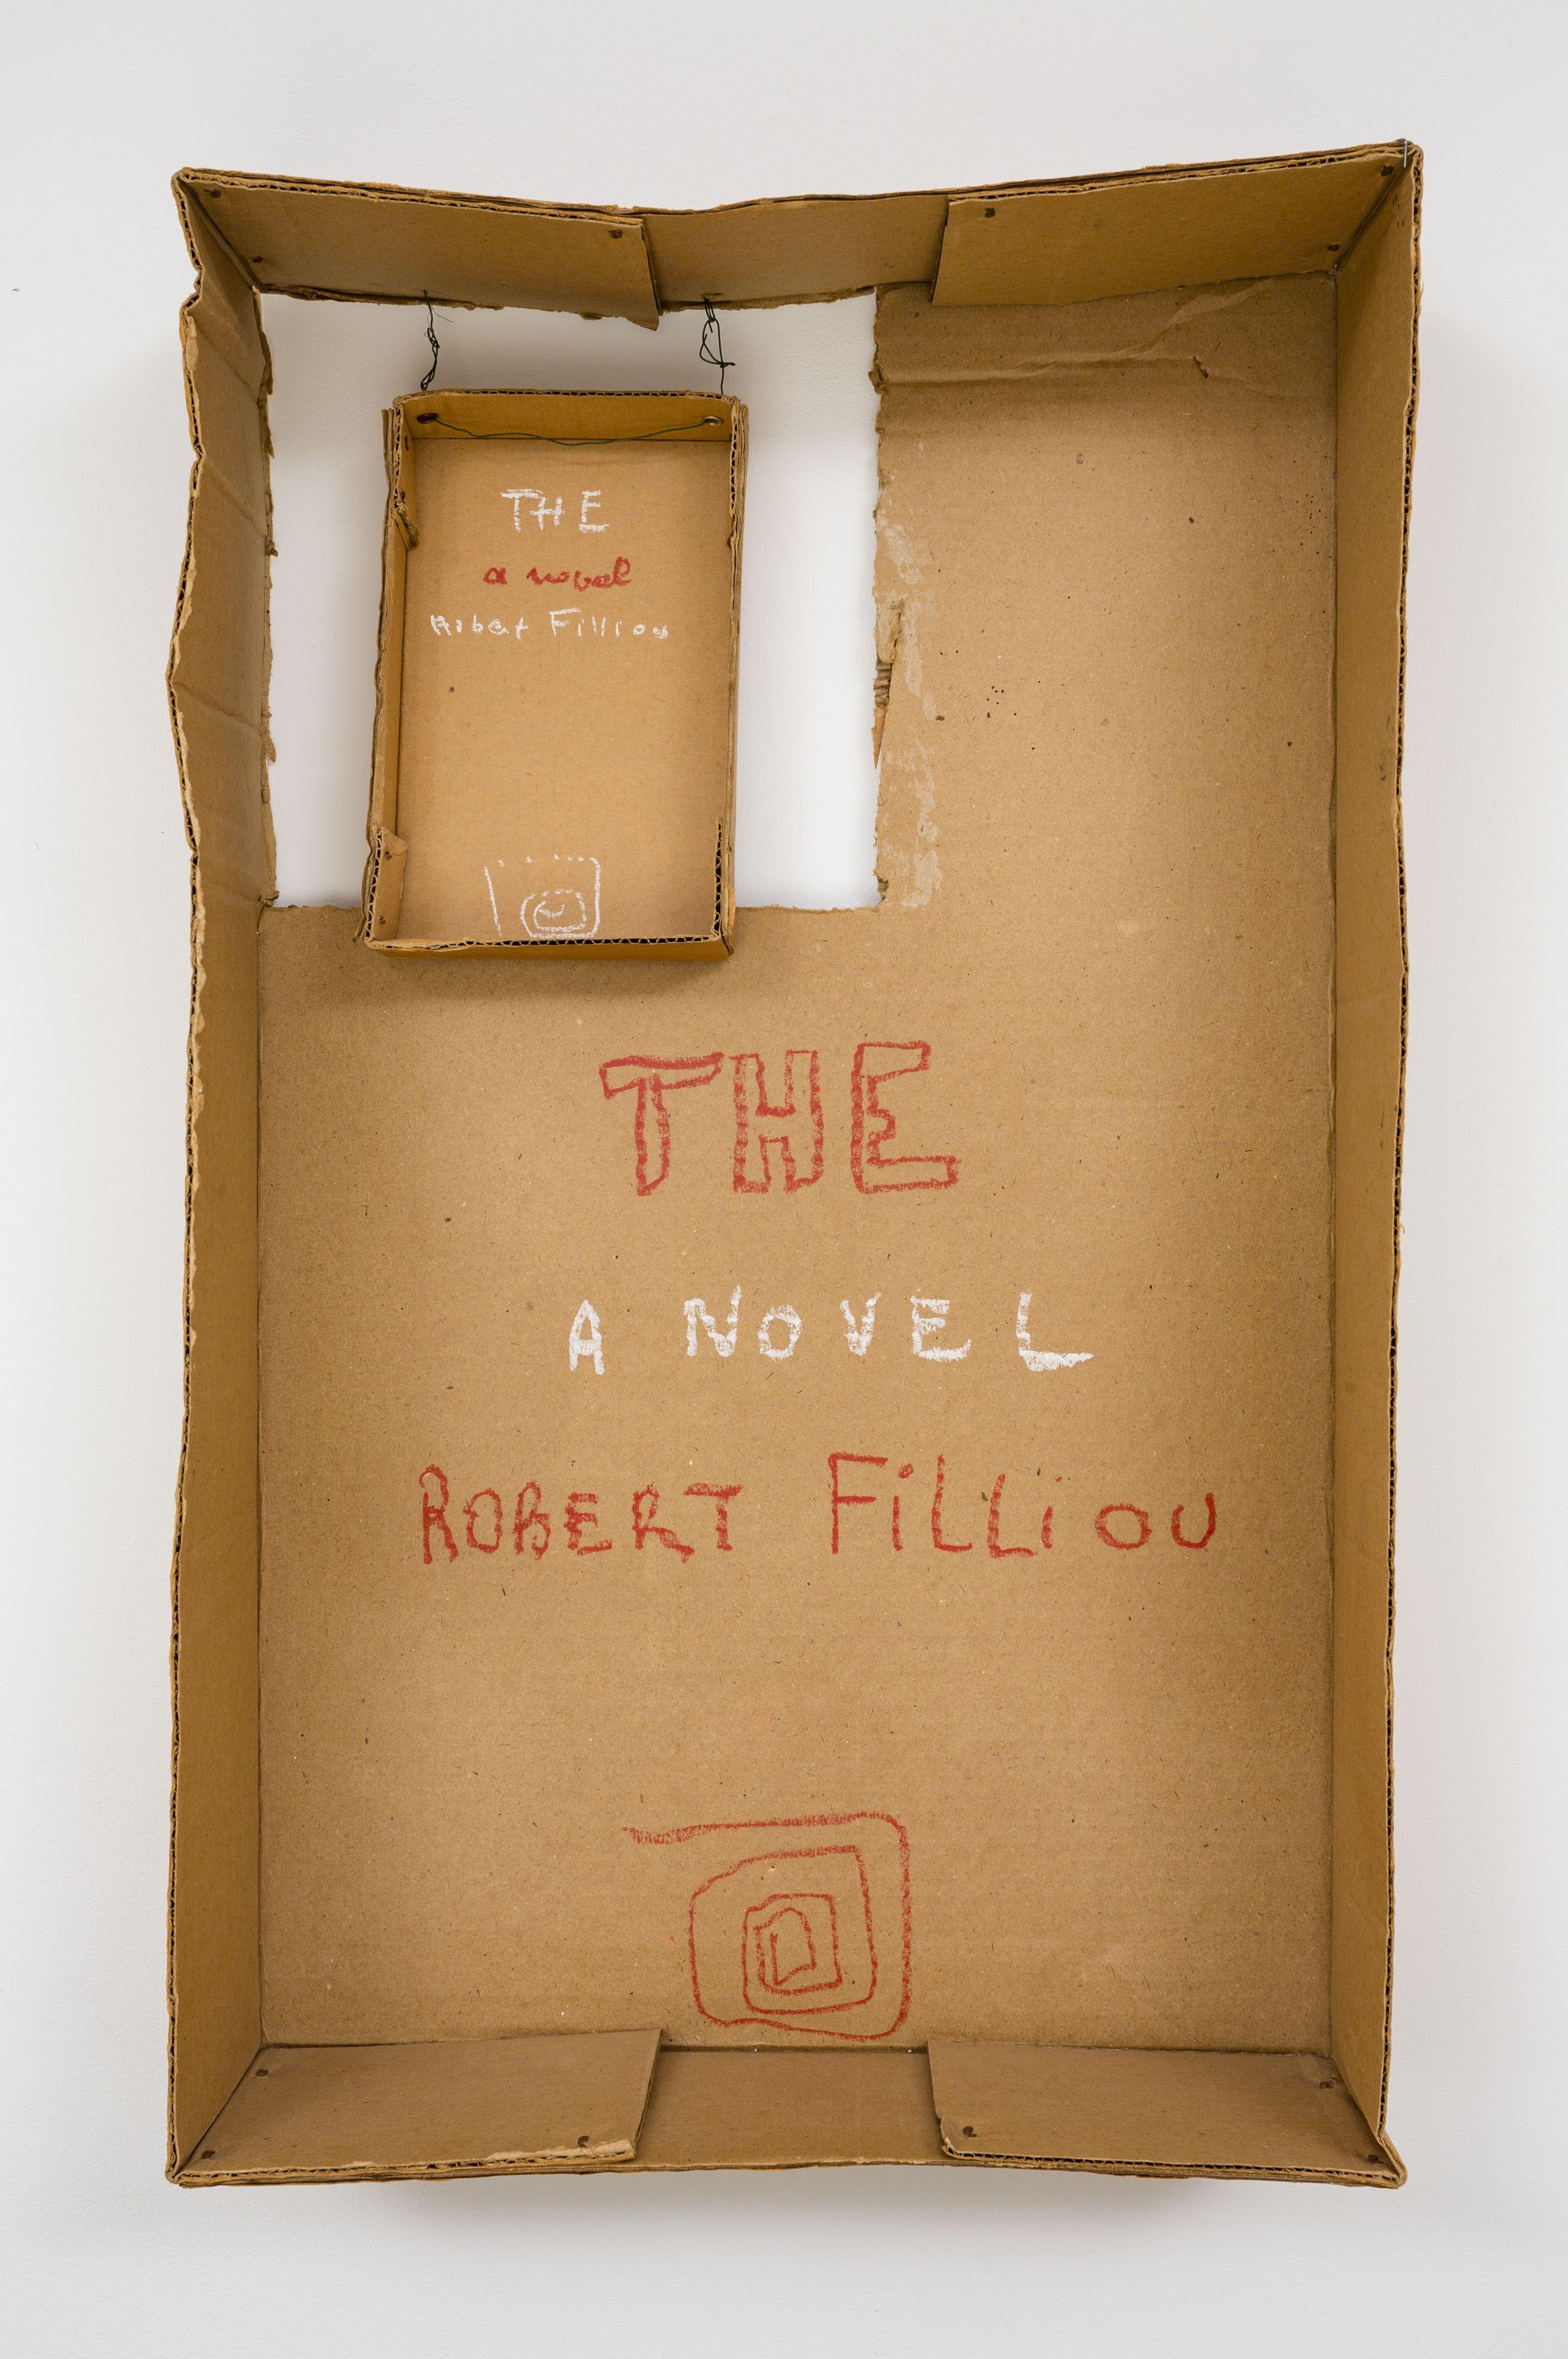 THE, A Novel, Robert Filliou, c. 1976